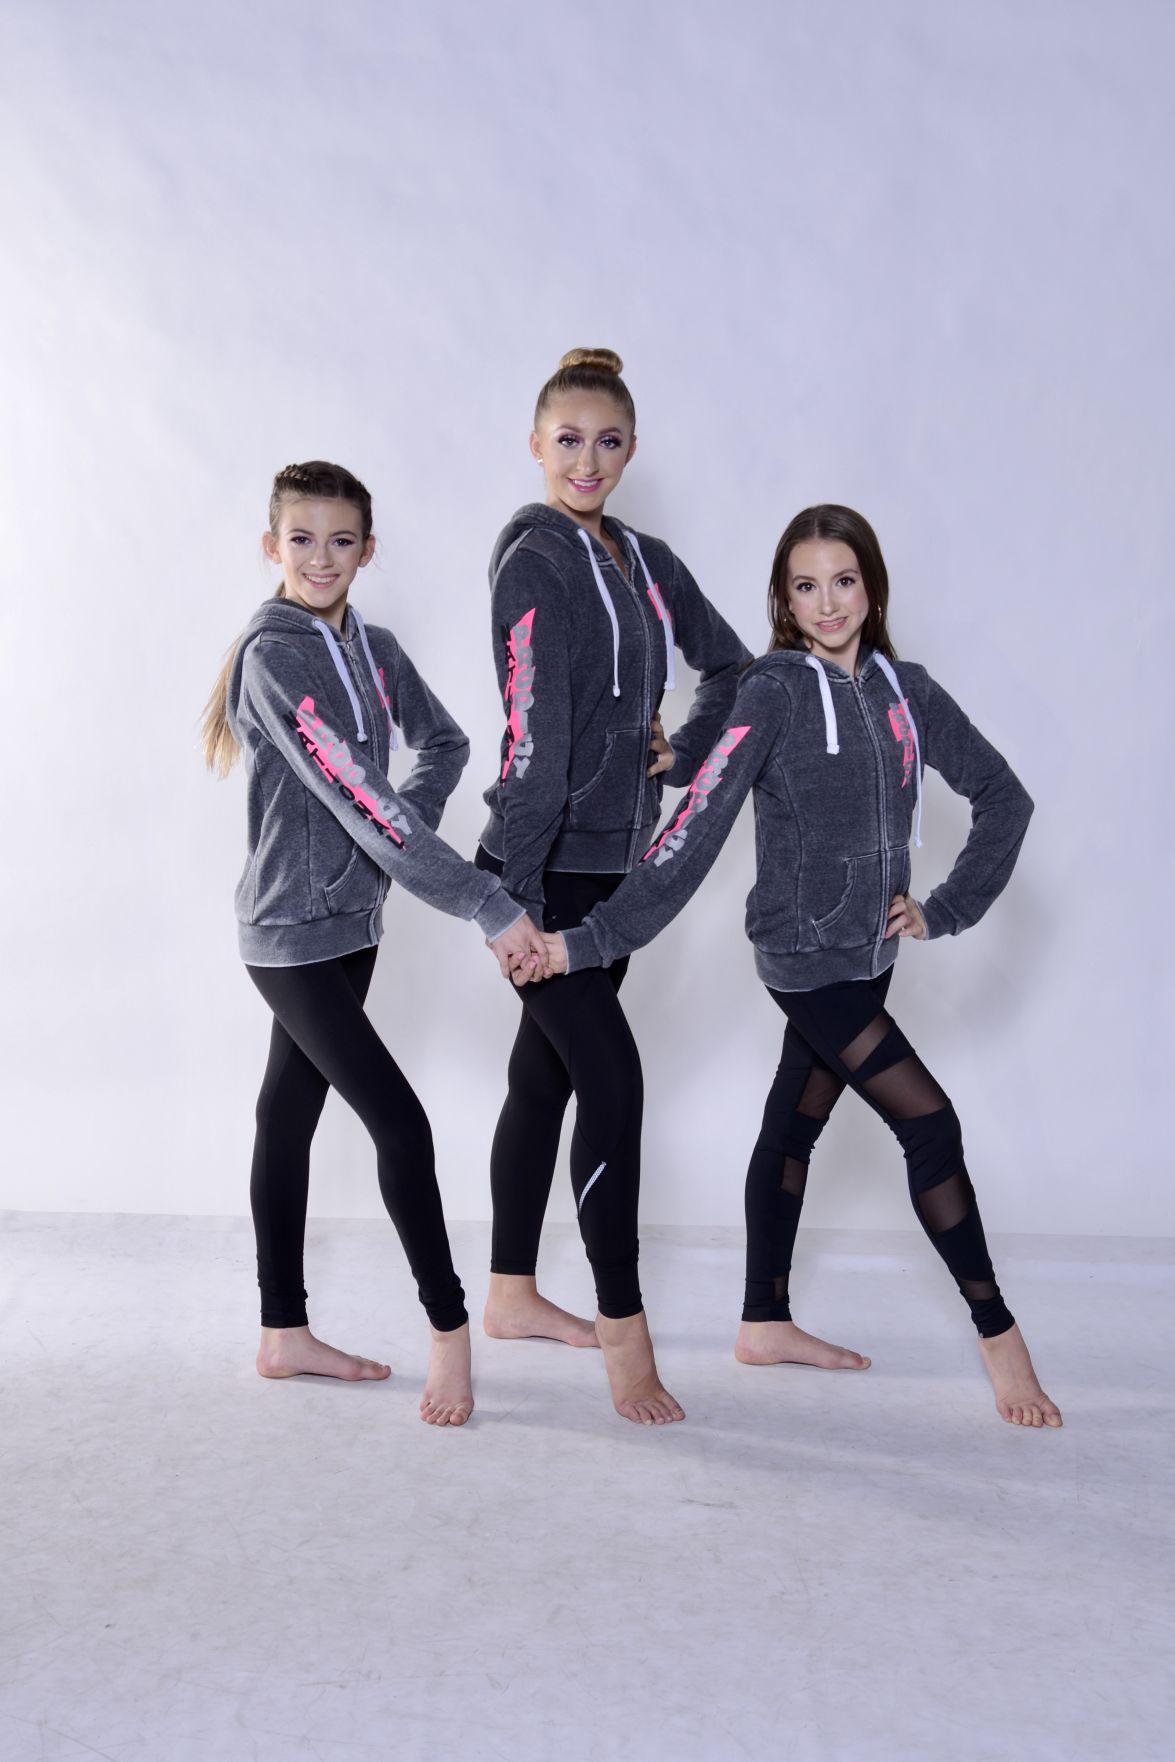 Kimberly Lewis/Dance Studio 111